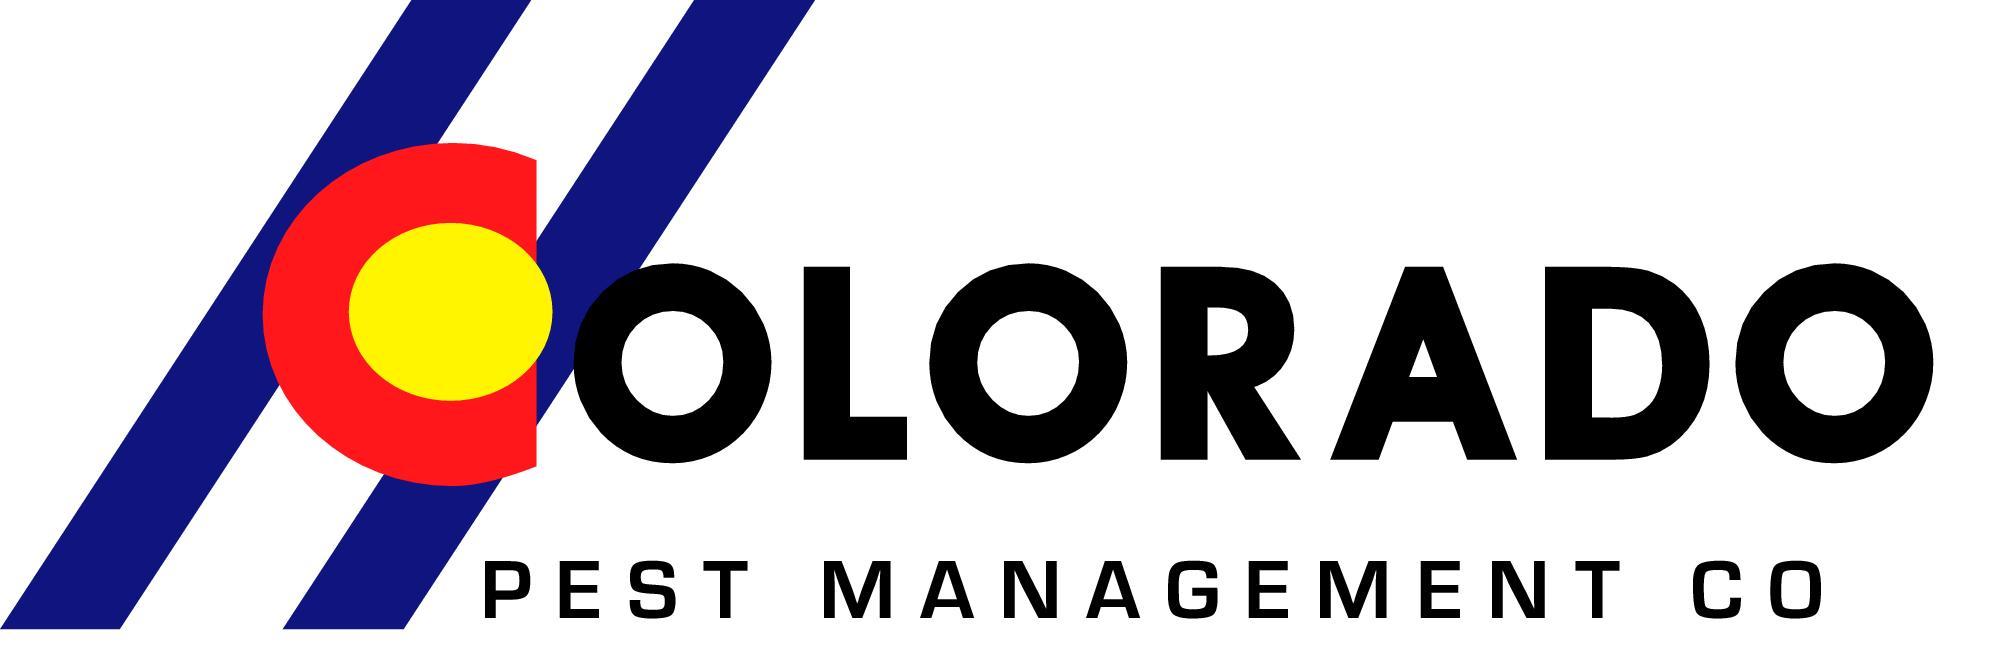 Colorado Pest Management image 8